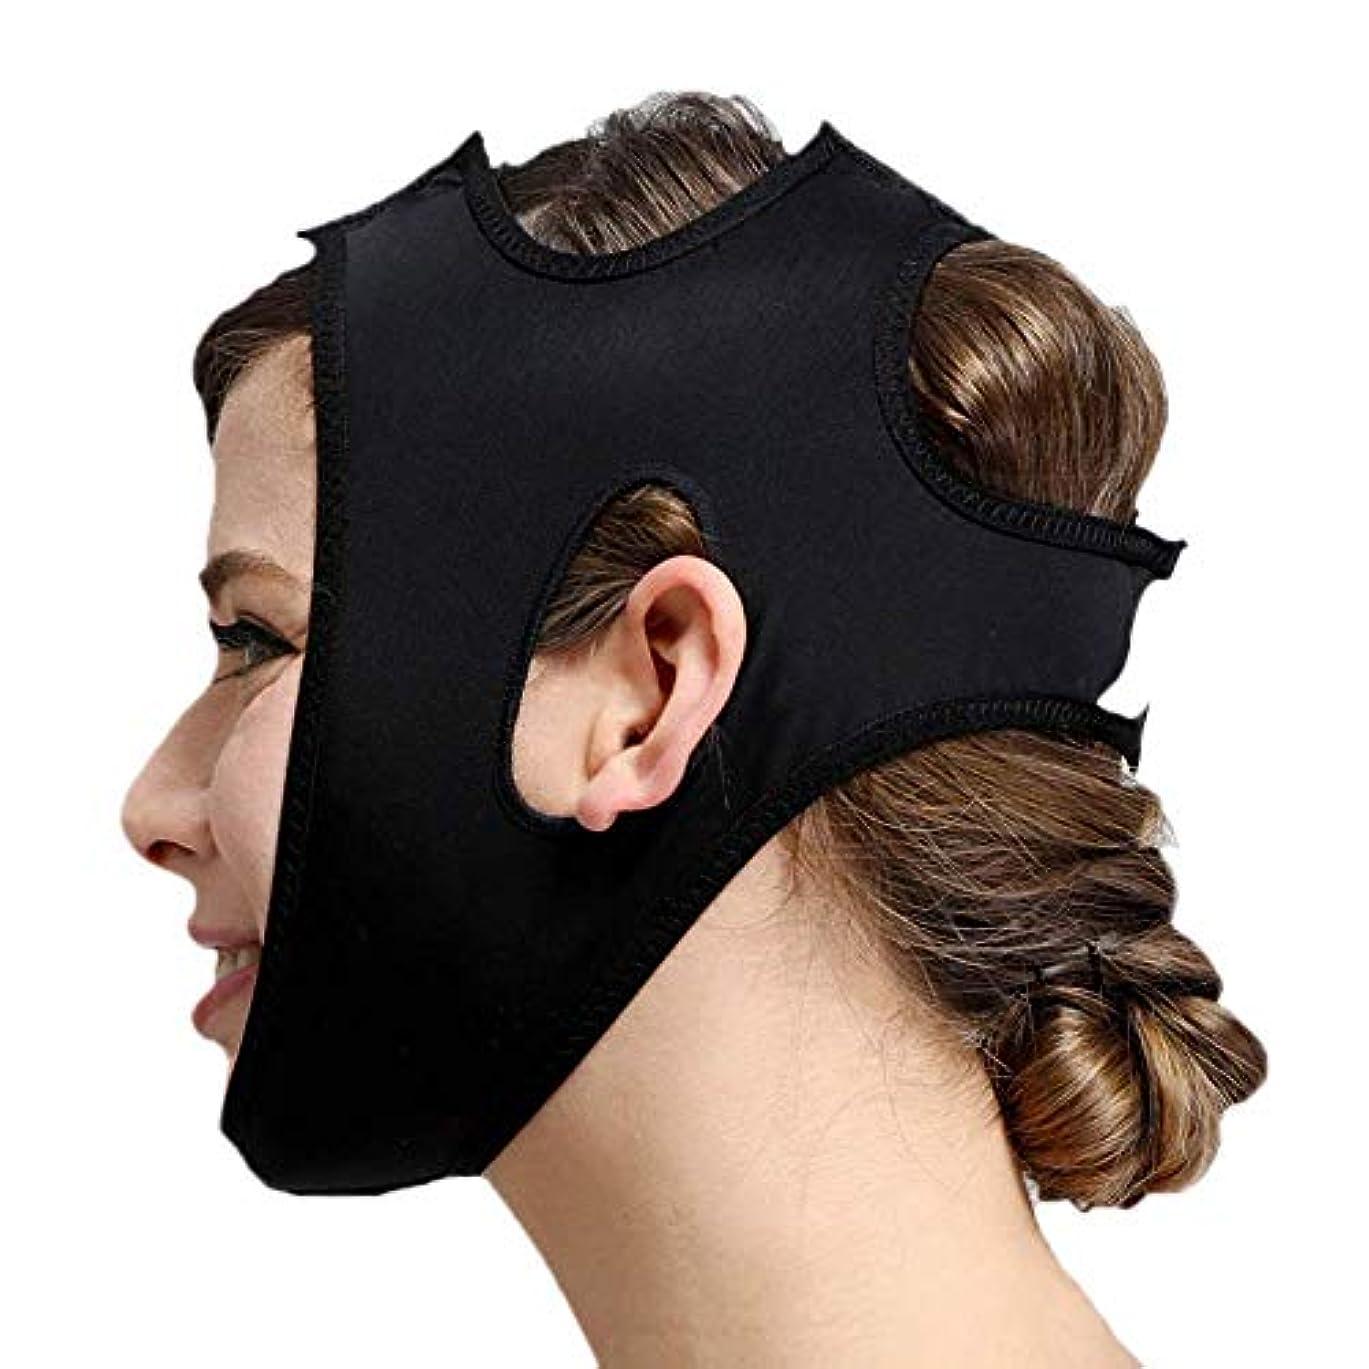 期限ラケット準備ができてフェイススリミングマスク、快適さと通気性、フェイシャルリフティング、輪郭の改善された硬さ、ファーミングとリフティングフェイス(カラー:ブラック、サイズ:XL),黒、S